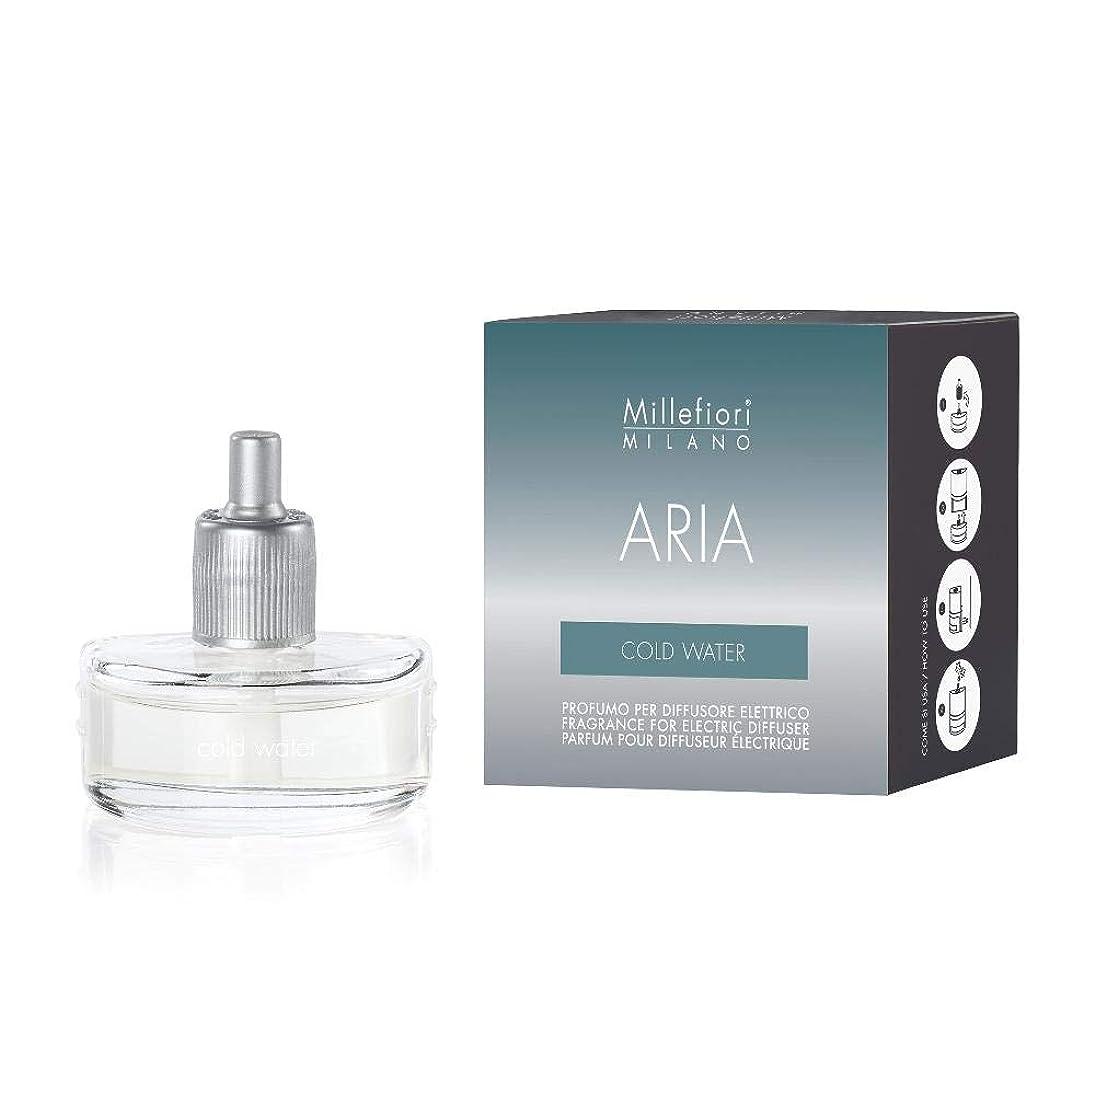 十二乱気流慢Millefiori ミッレフィオーリ フレグランスディフューザー専用リフィル [ARIA] プラグイン コールドウォーター ARIA-R-01